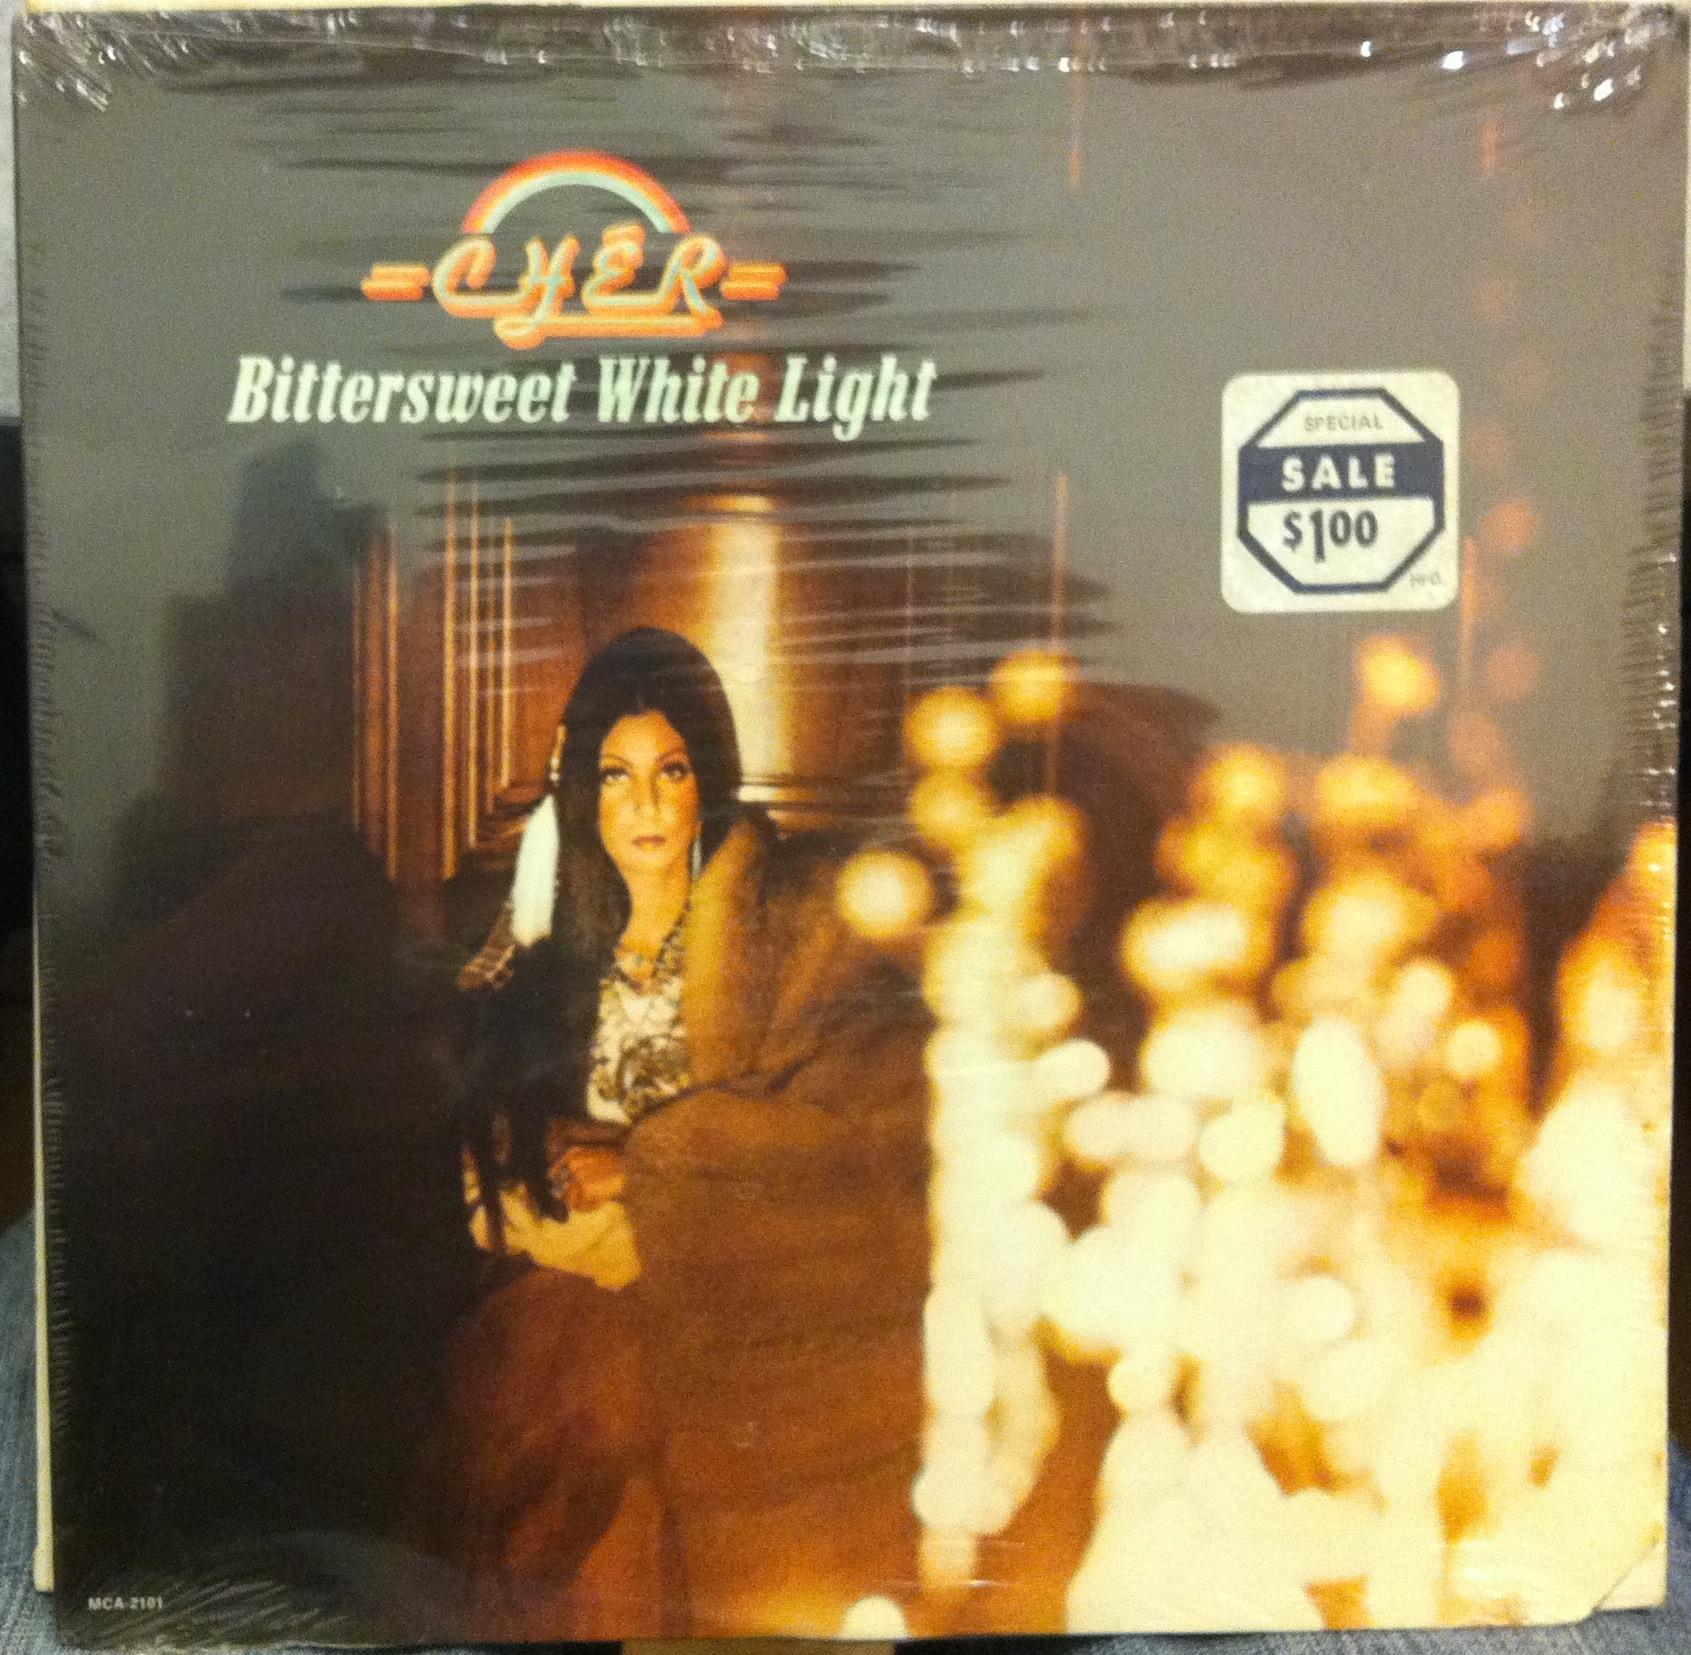 Cher Bittersweet White Light Lp Sealed Mca 2101 Vinyl 1973 Record